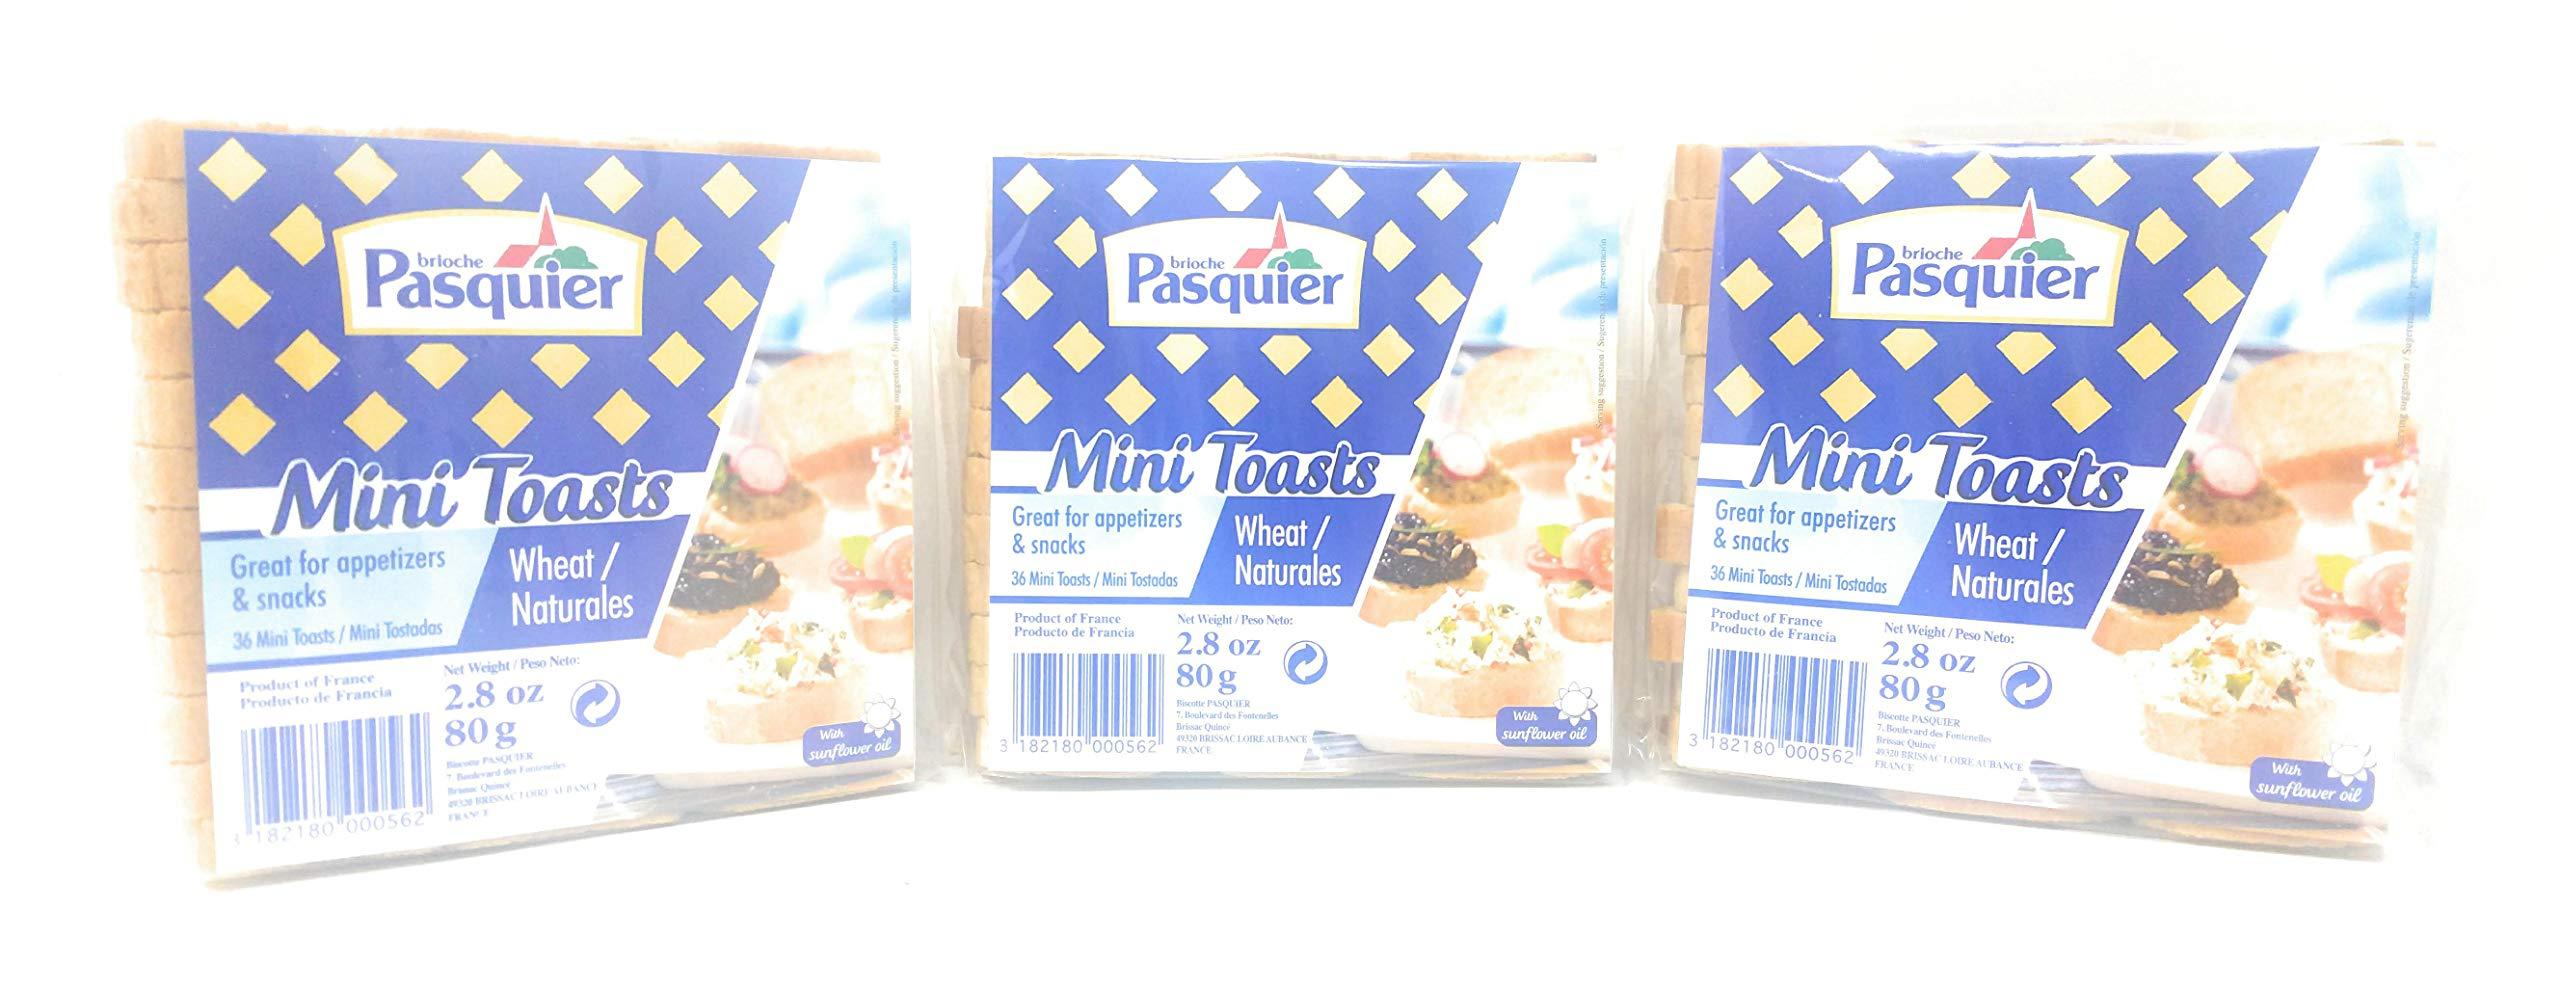 Brioche Pasquier Mini Toasts 80g, 3 Pack by Brioche Pasquier